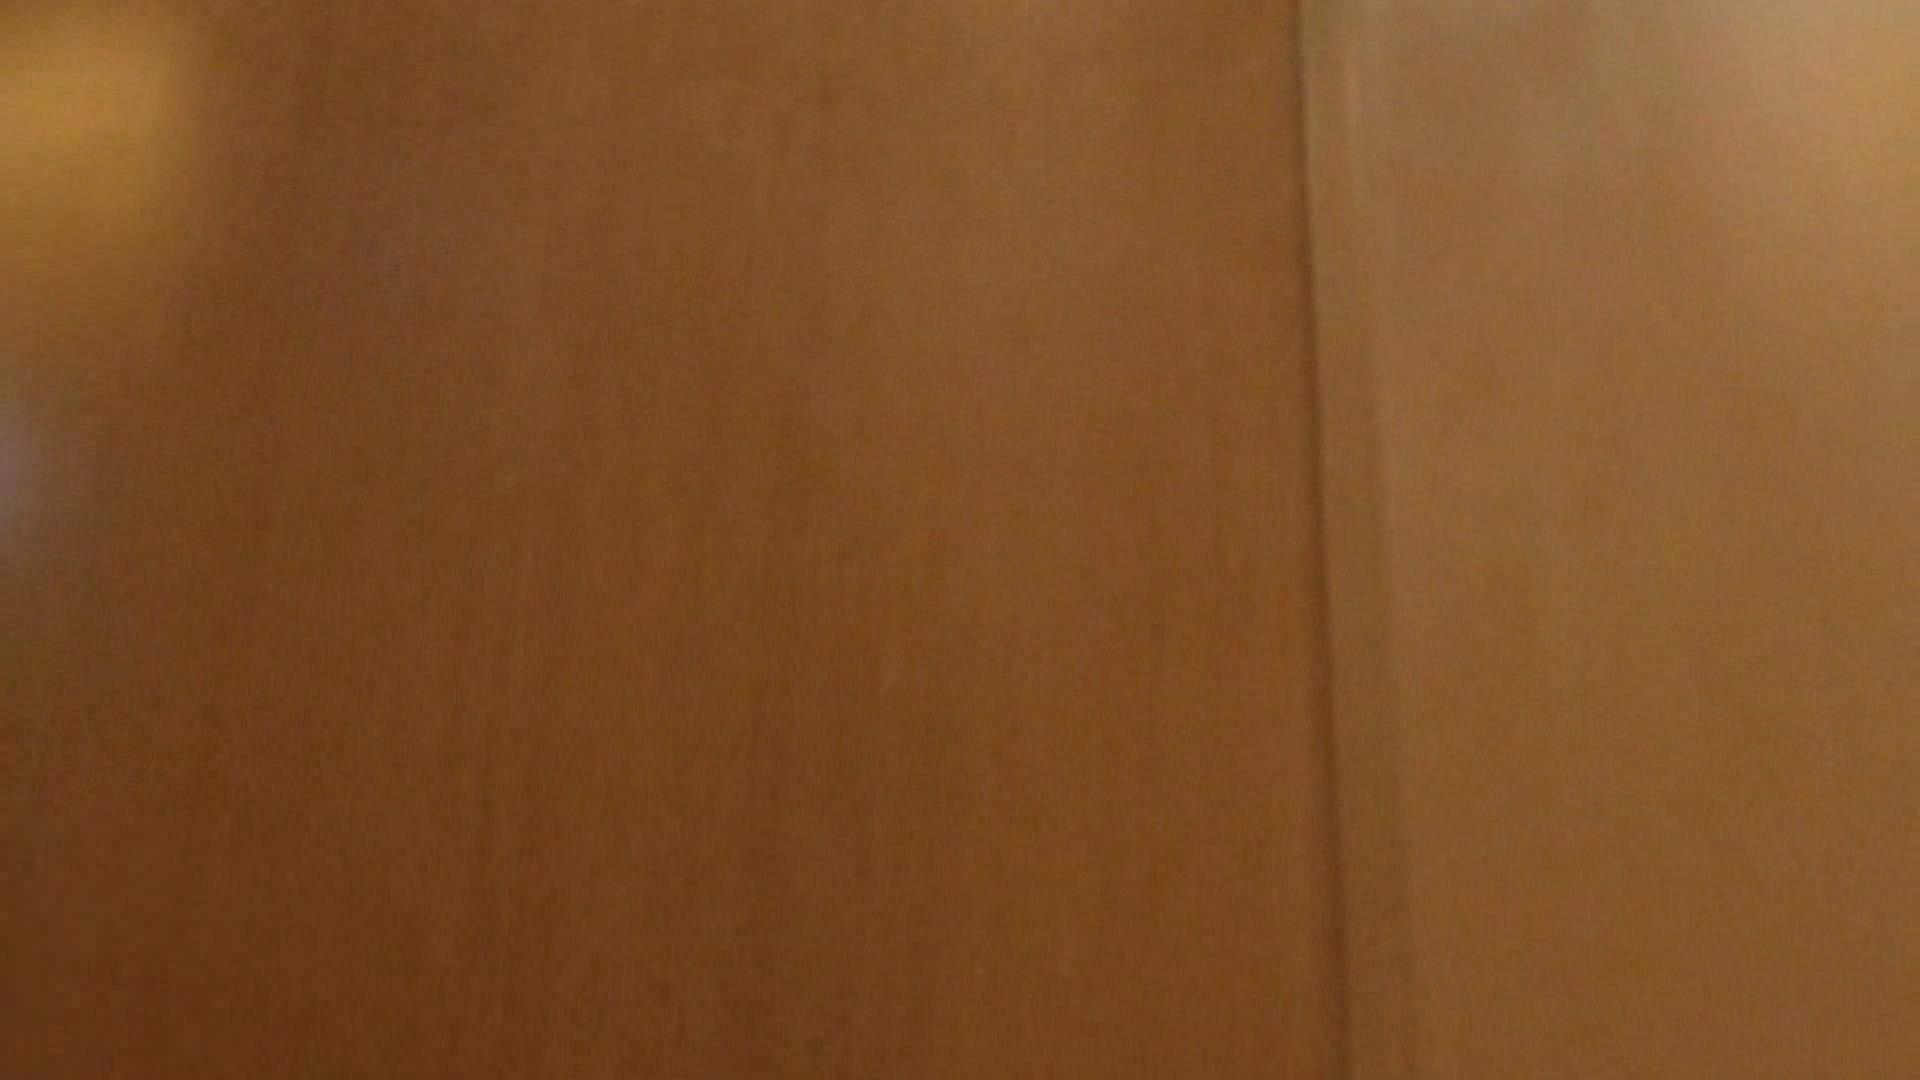 「噂」の国の厠観察日記2 Vol.02 人気シリーズ AV無料動画キャプチャ 96枚 86